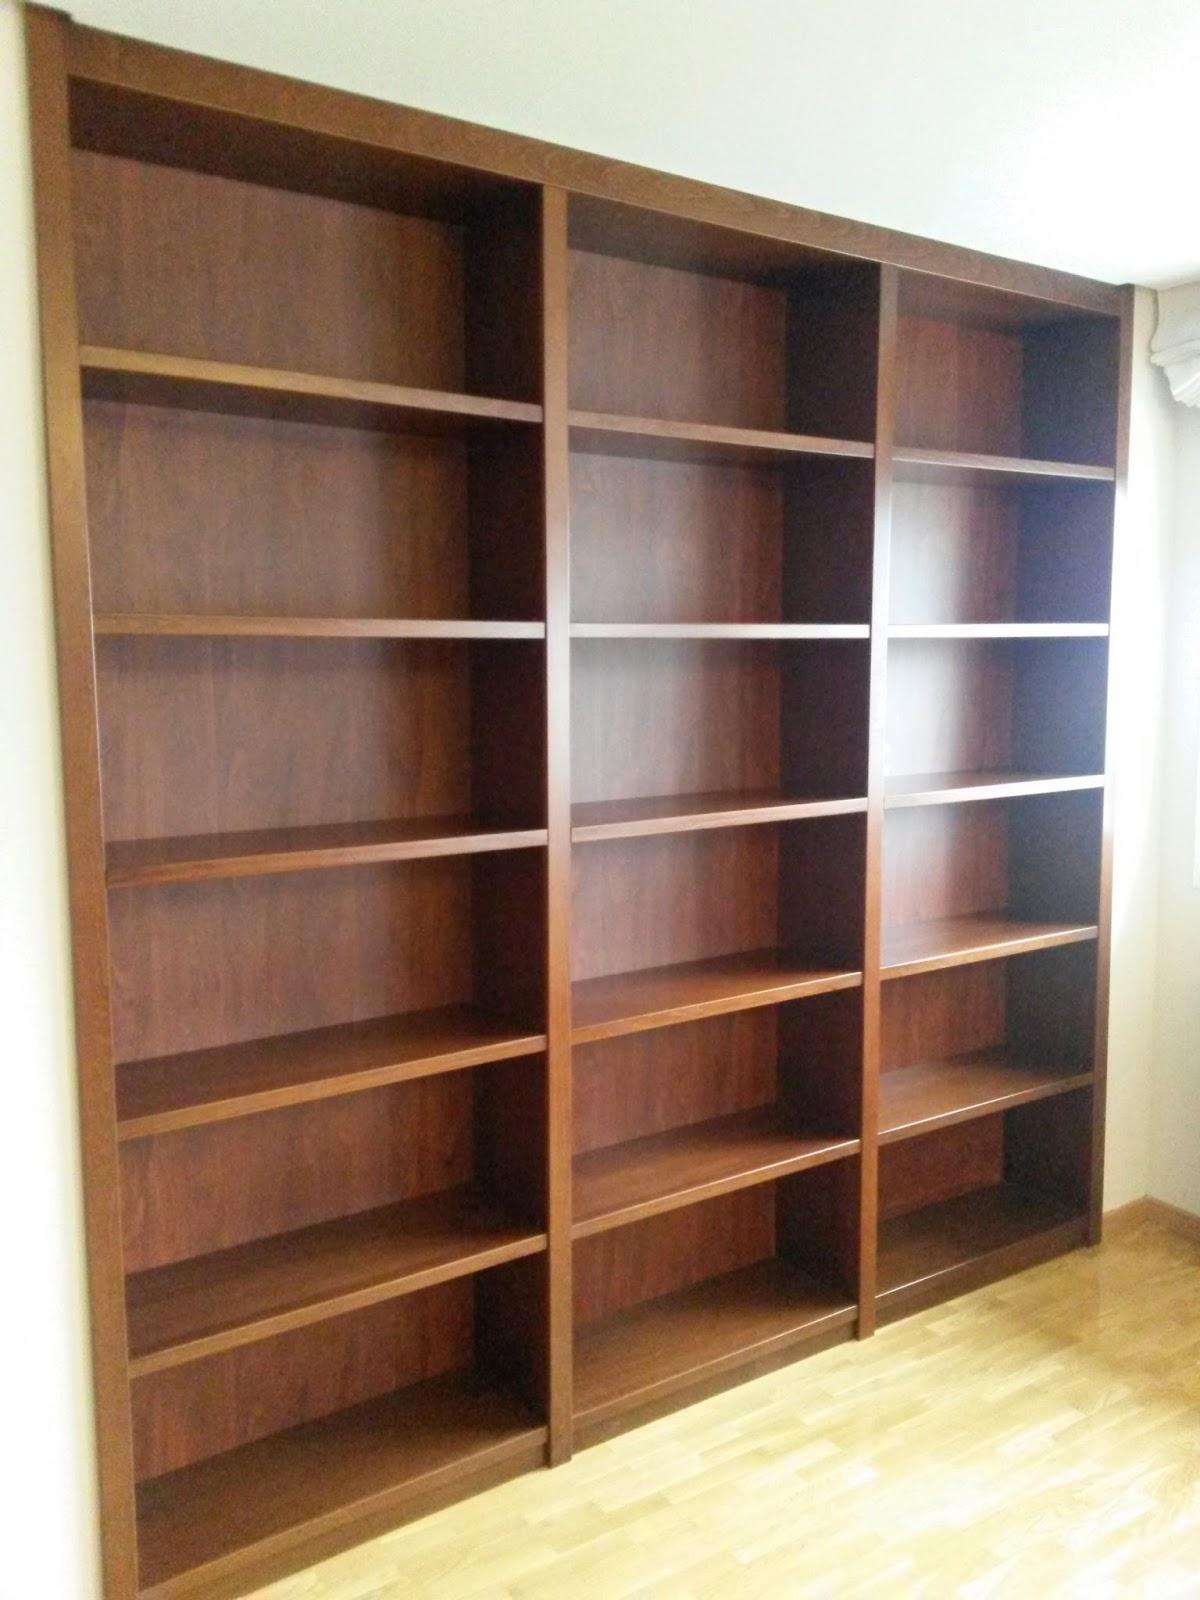 Muebles a medida libreria a medida barnizada en tono nogal - Librerias a medida ...